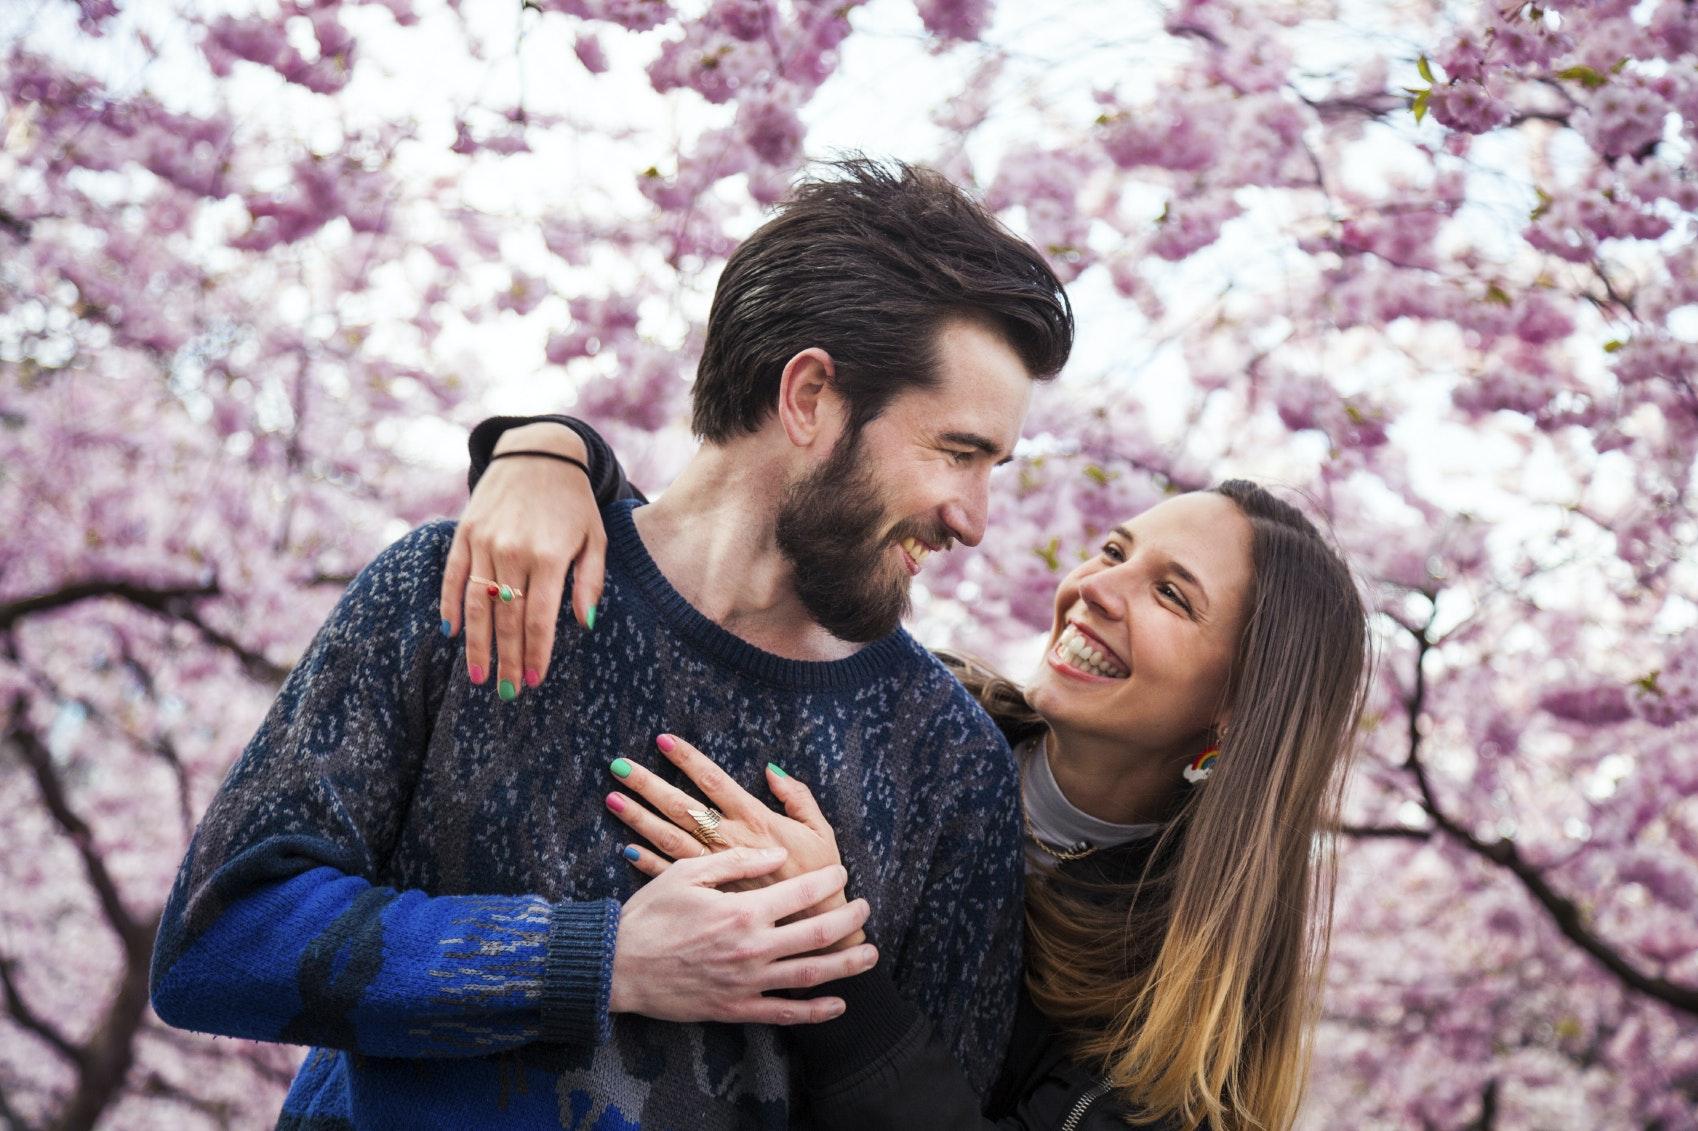 gode dating beskeder Spørgsmål som disse vækker helt sikkert gode følelser i din date, og afslører samtidig meget om hans eller hendes åbenhed overfor nye eventyr.